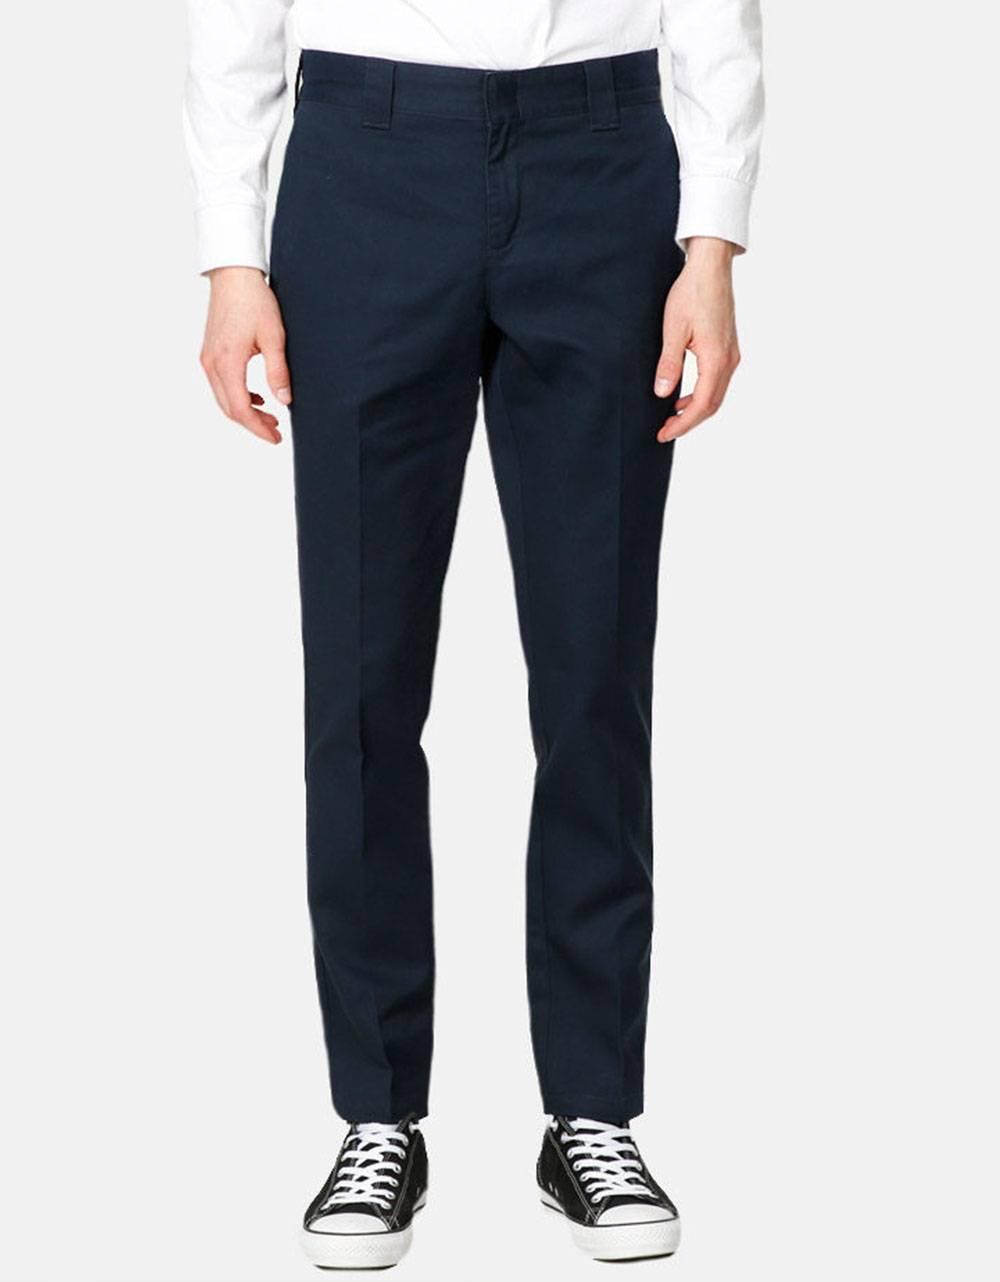 Dickies Slim fit work pant 872 - Dark navy Dickies Pant 76,00€